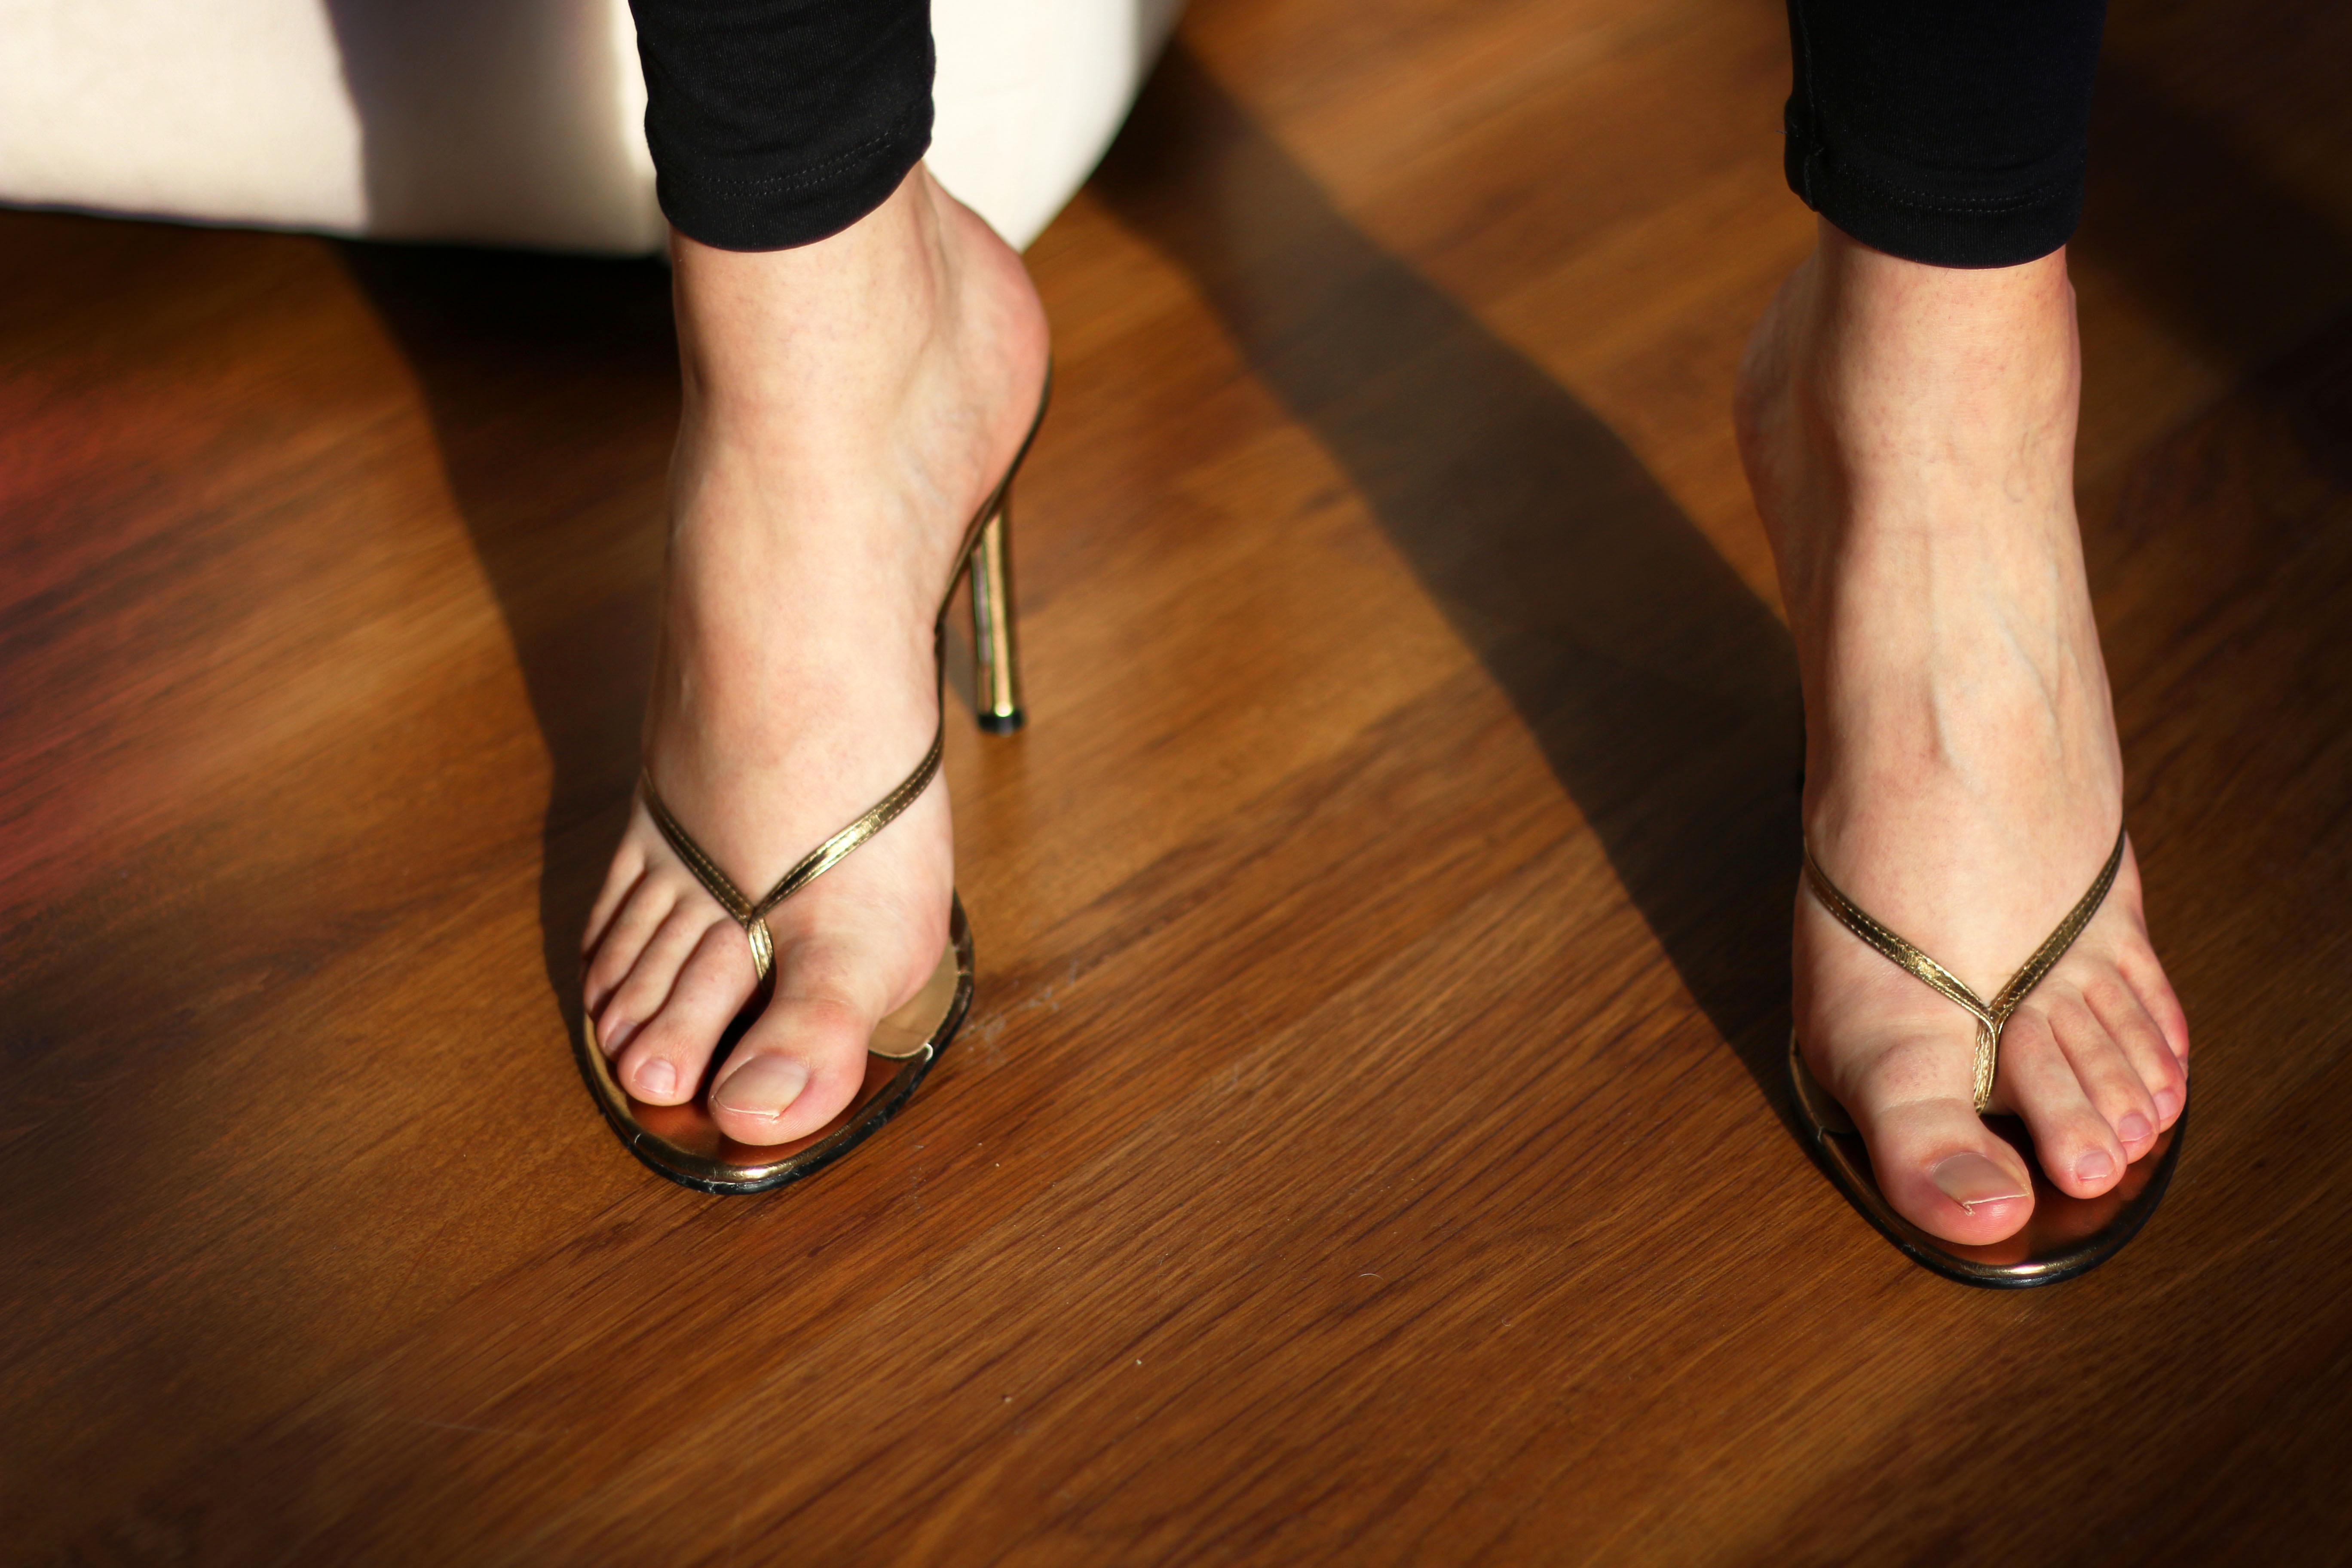 фото ножек в открытой обуви один самых известных